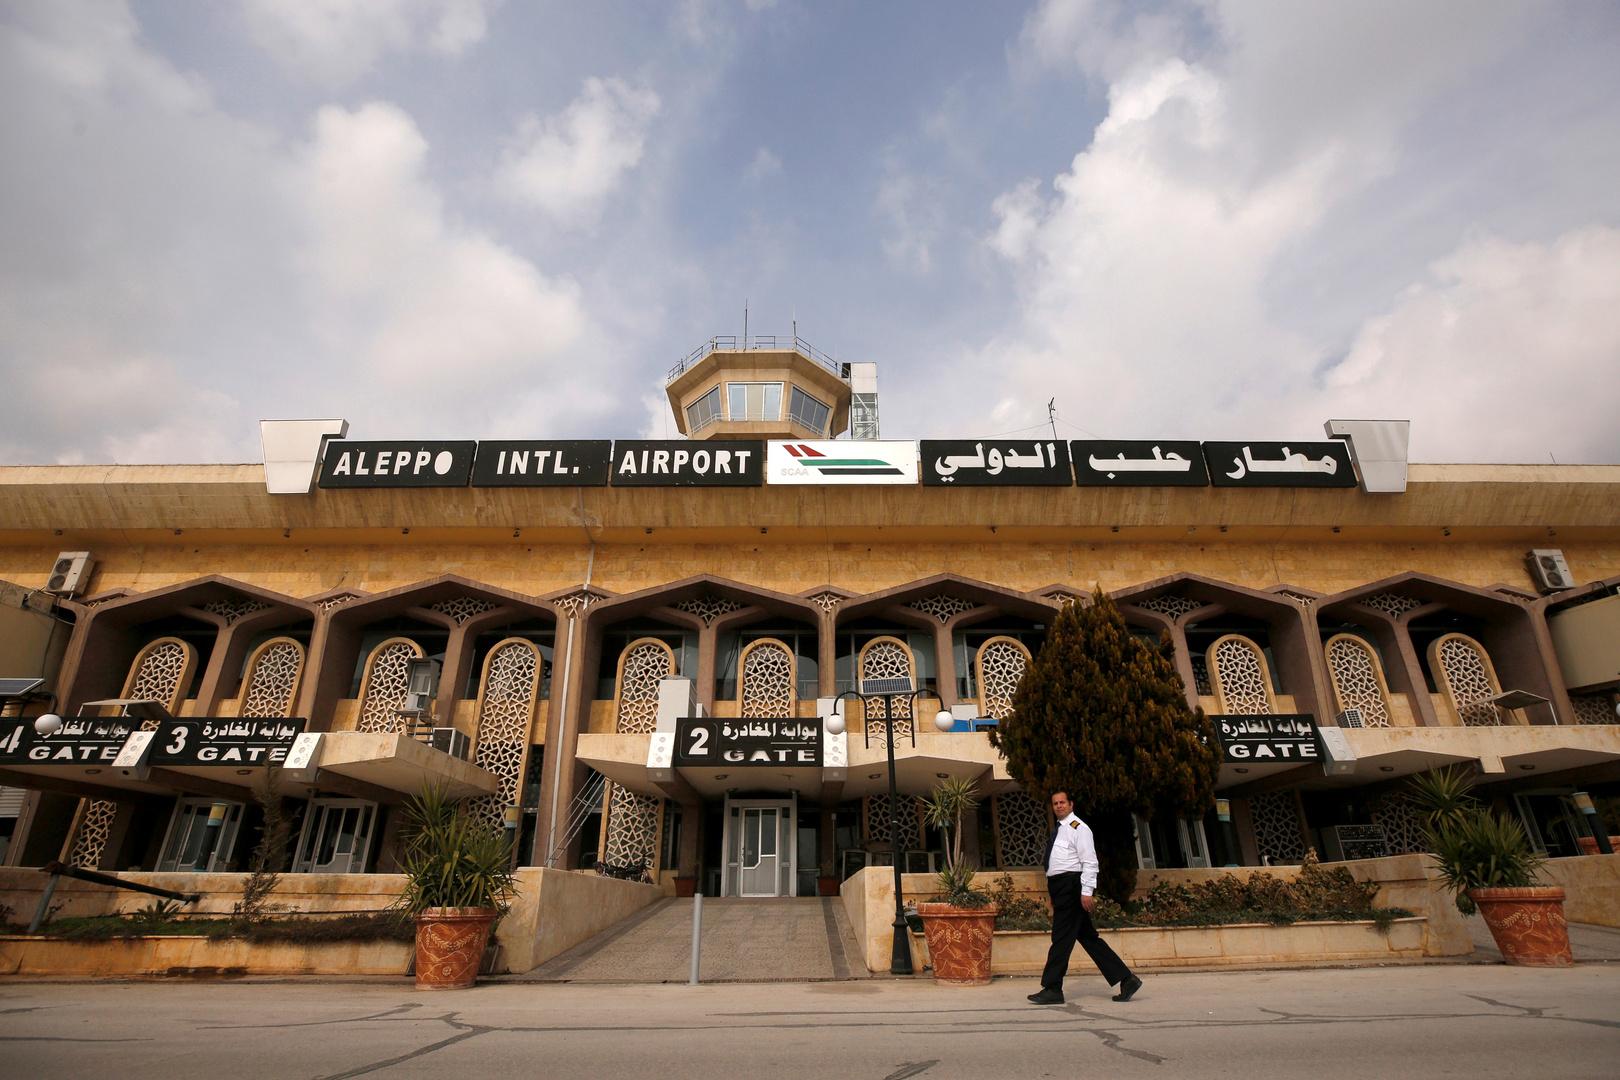 وصول أول رحلة جوية إلى مطار حلب الدولي من بيروت بعد استئناف العمل فيه (صور)